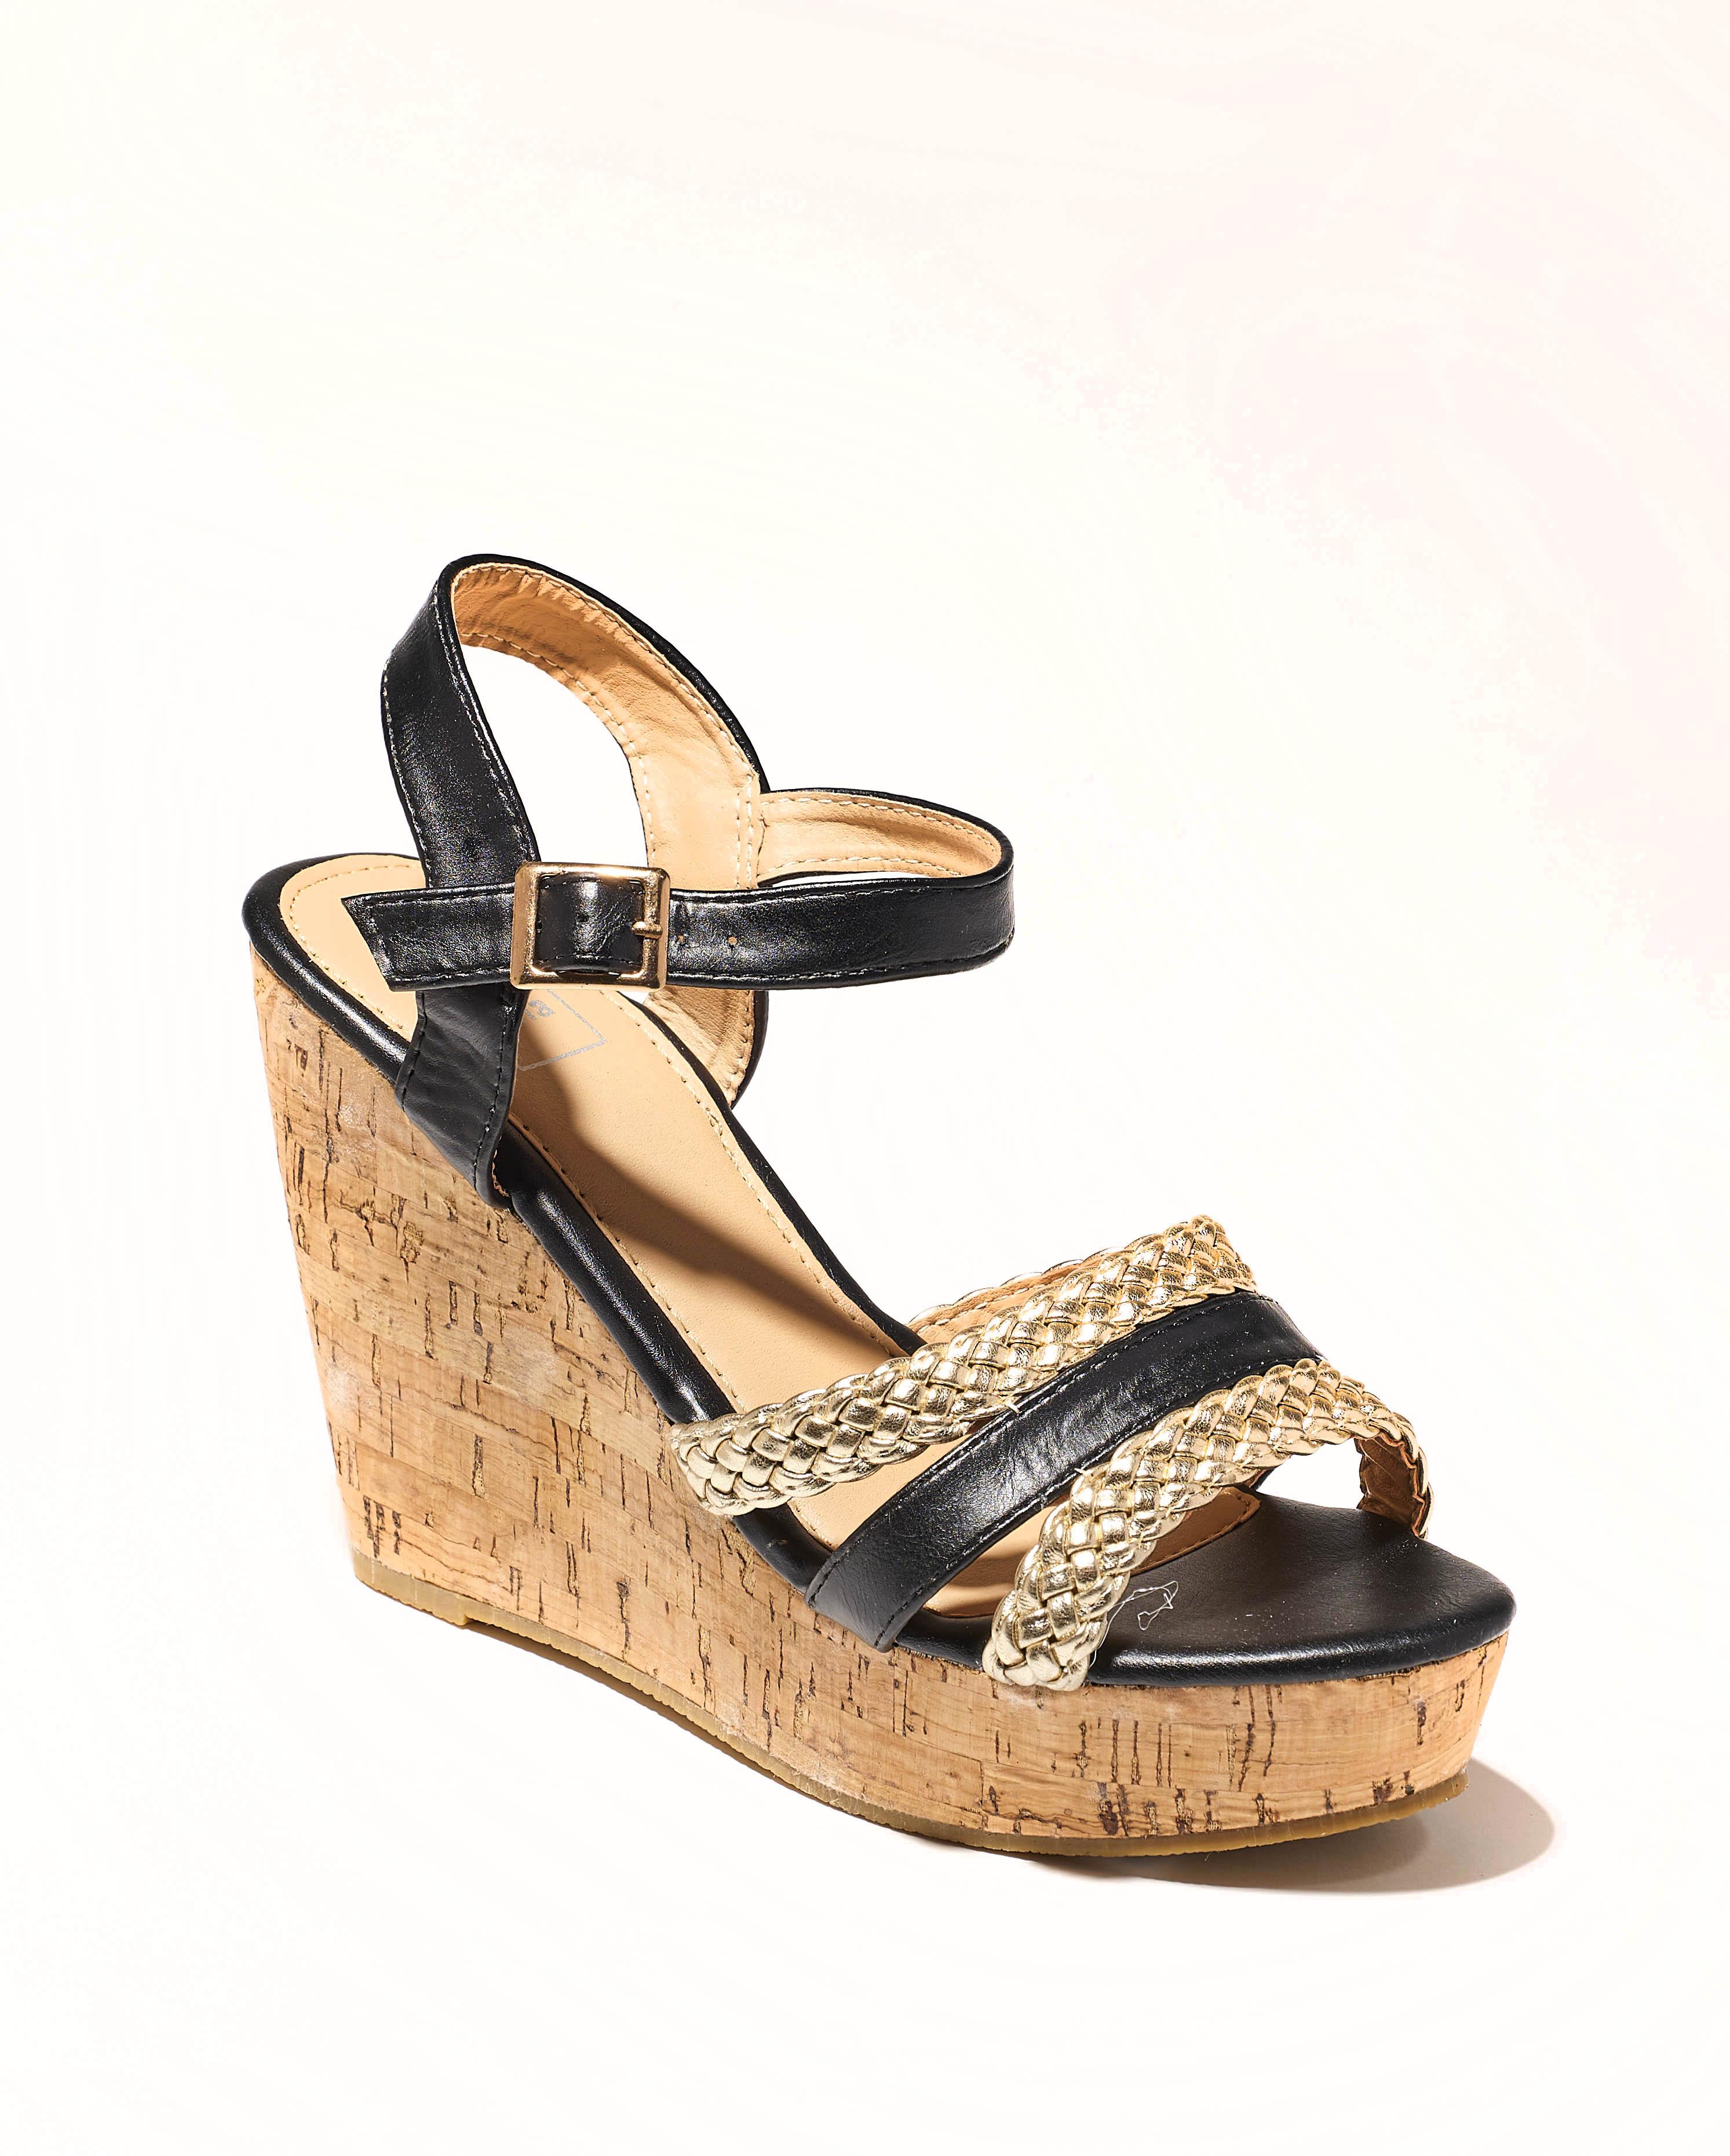 Sandales Compensées Femme - Sandale Talon Compensee Noir Jina - 8s0015